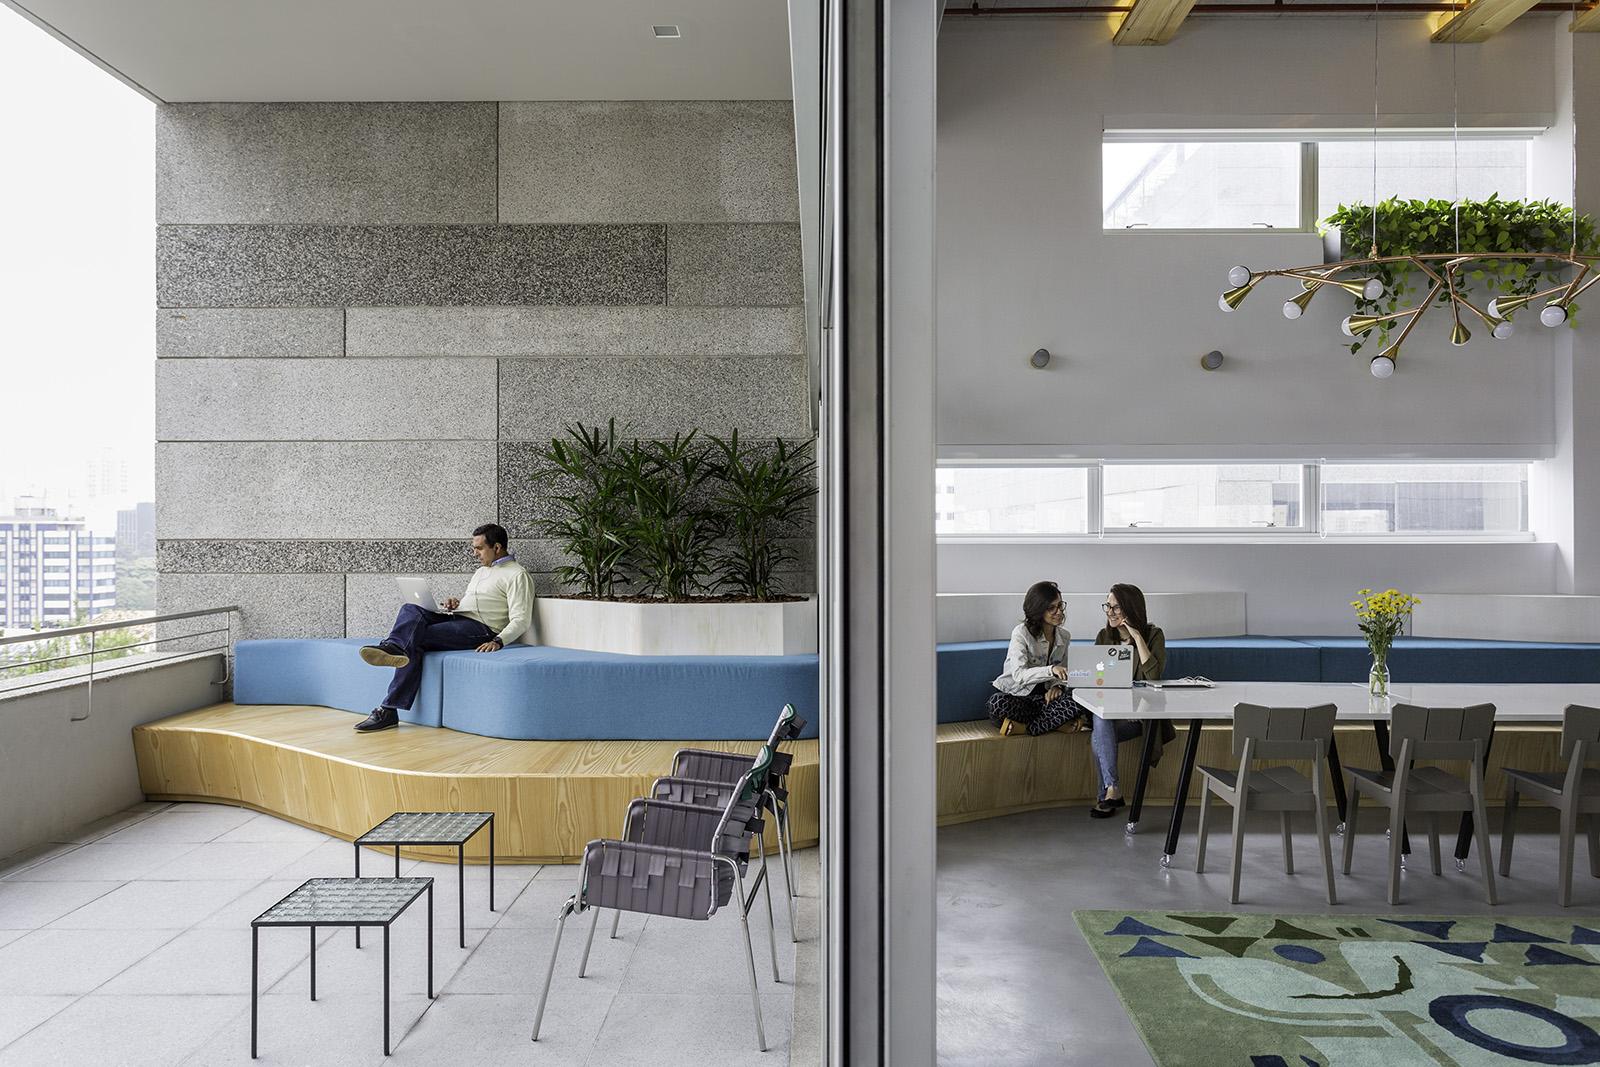 airbnb-sao-paulo-office-7